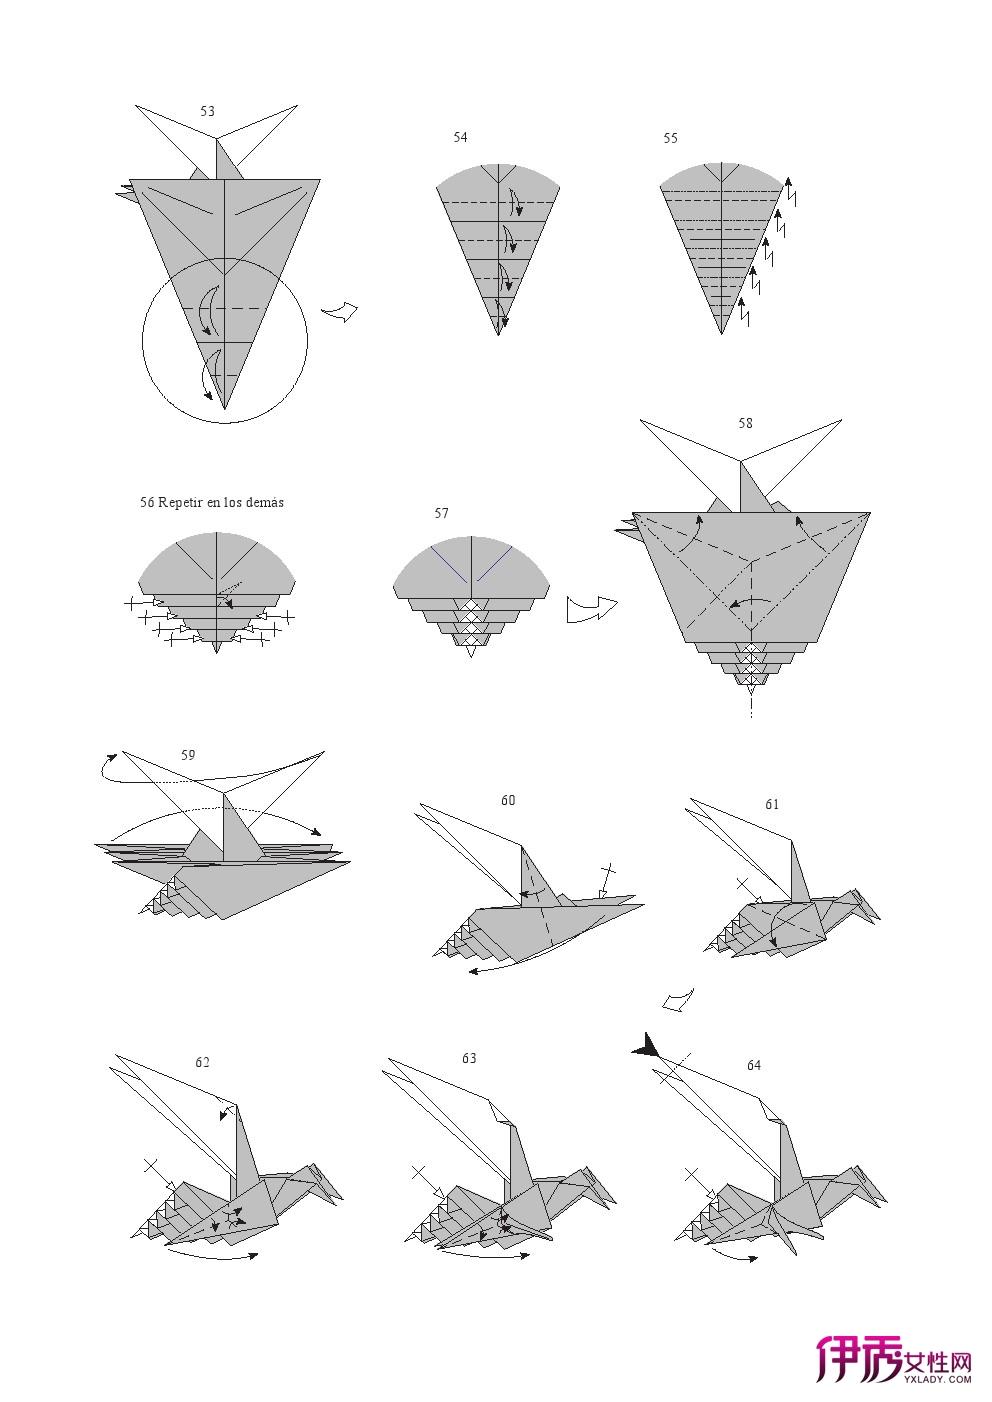 昆虫折纸—黄蜂的折纸方法图解